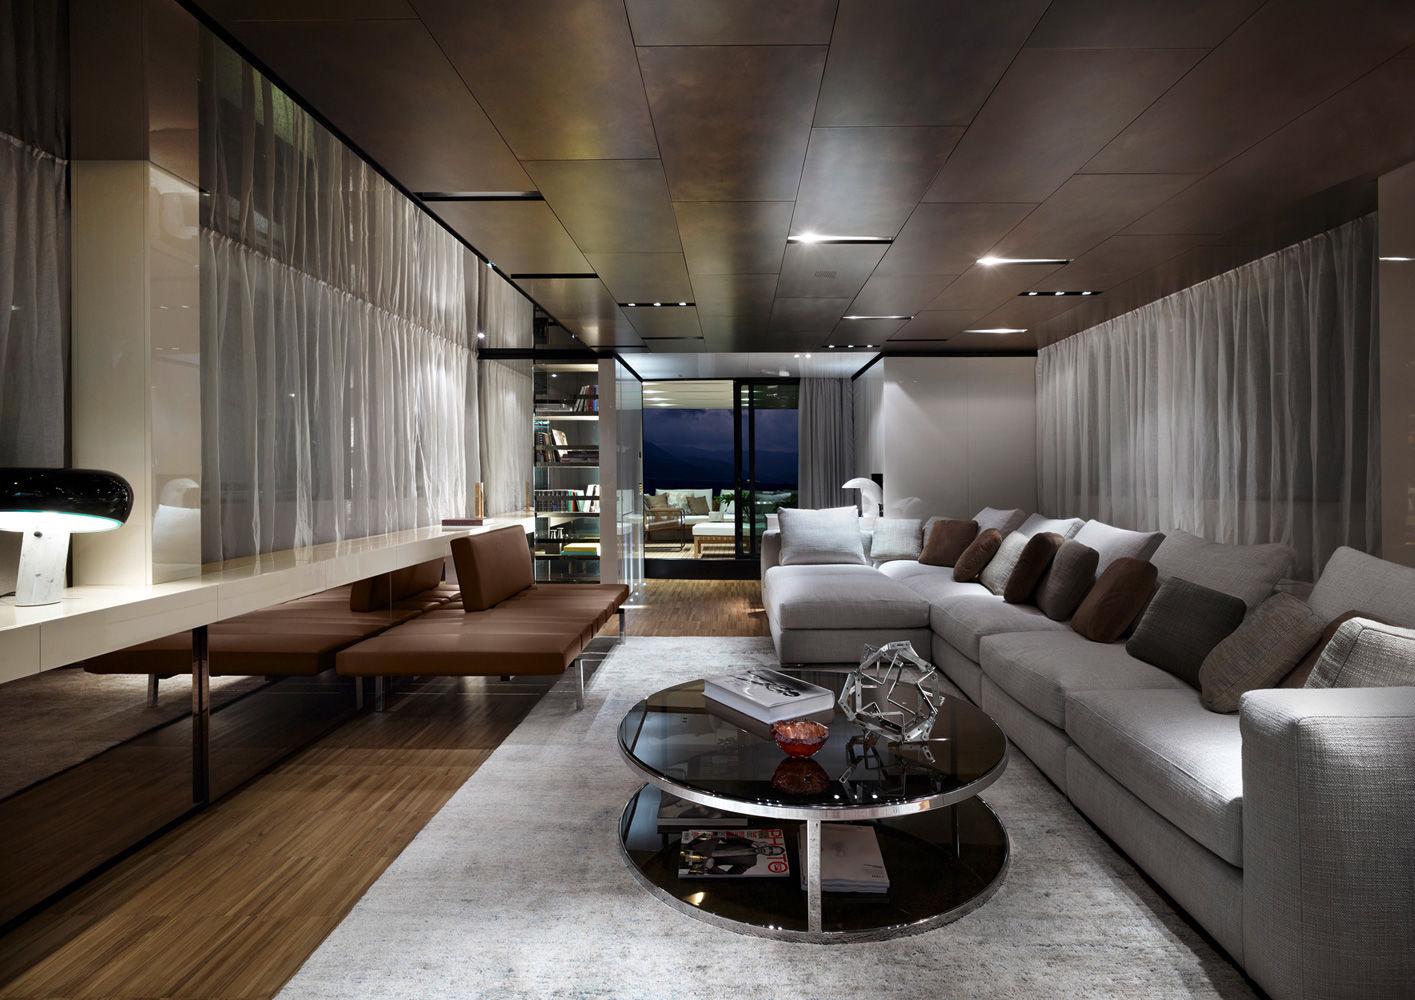 sanlorenzo sl 104. Black Bedroom Furniture Sets. Home Design Ideas